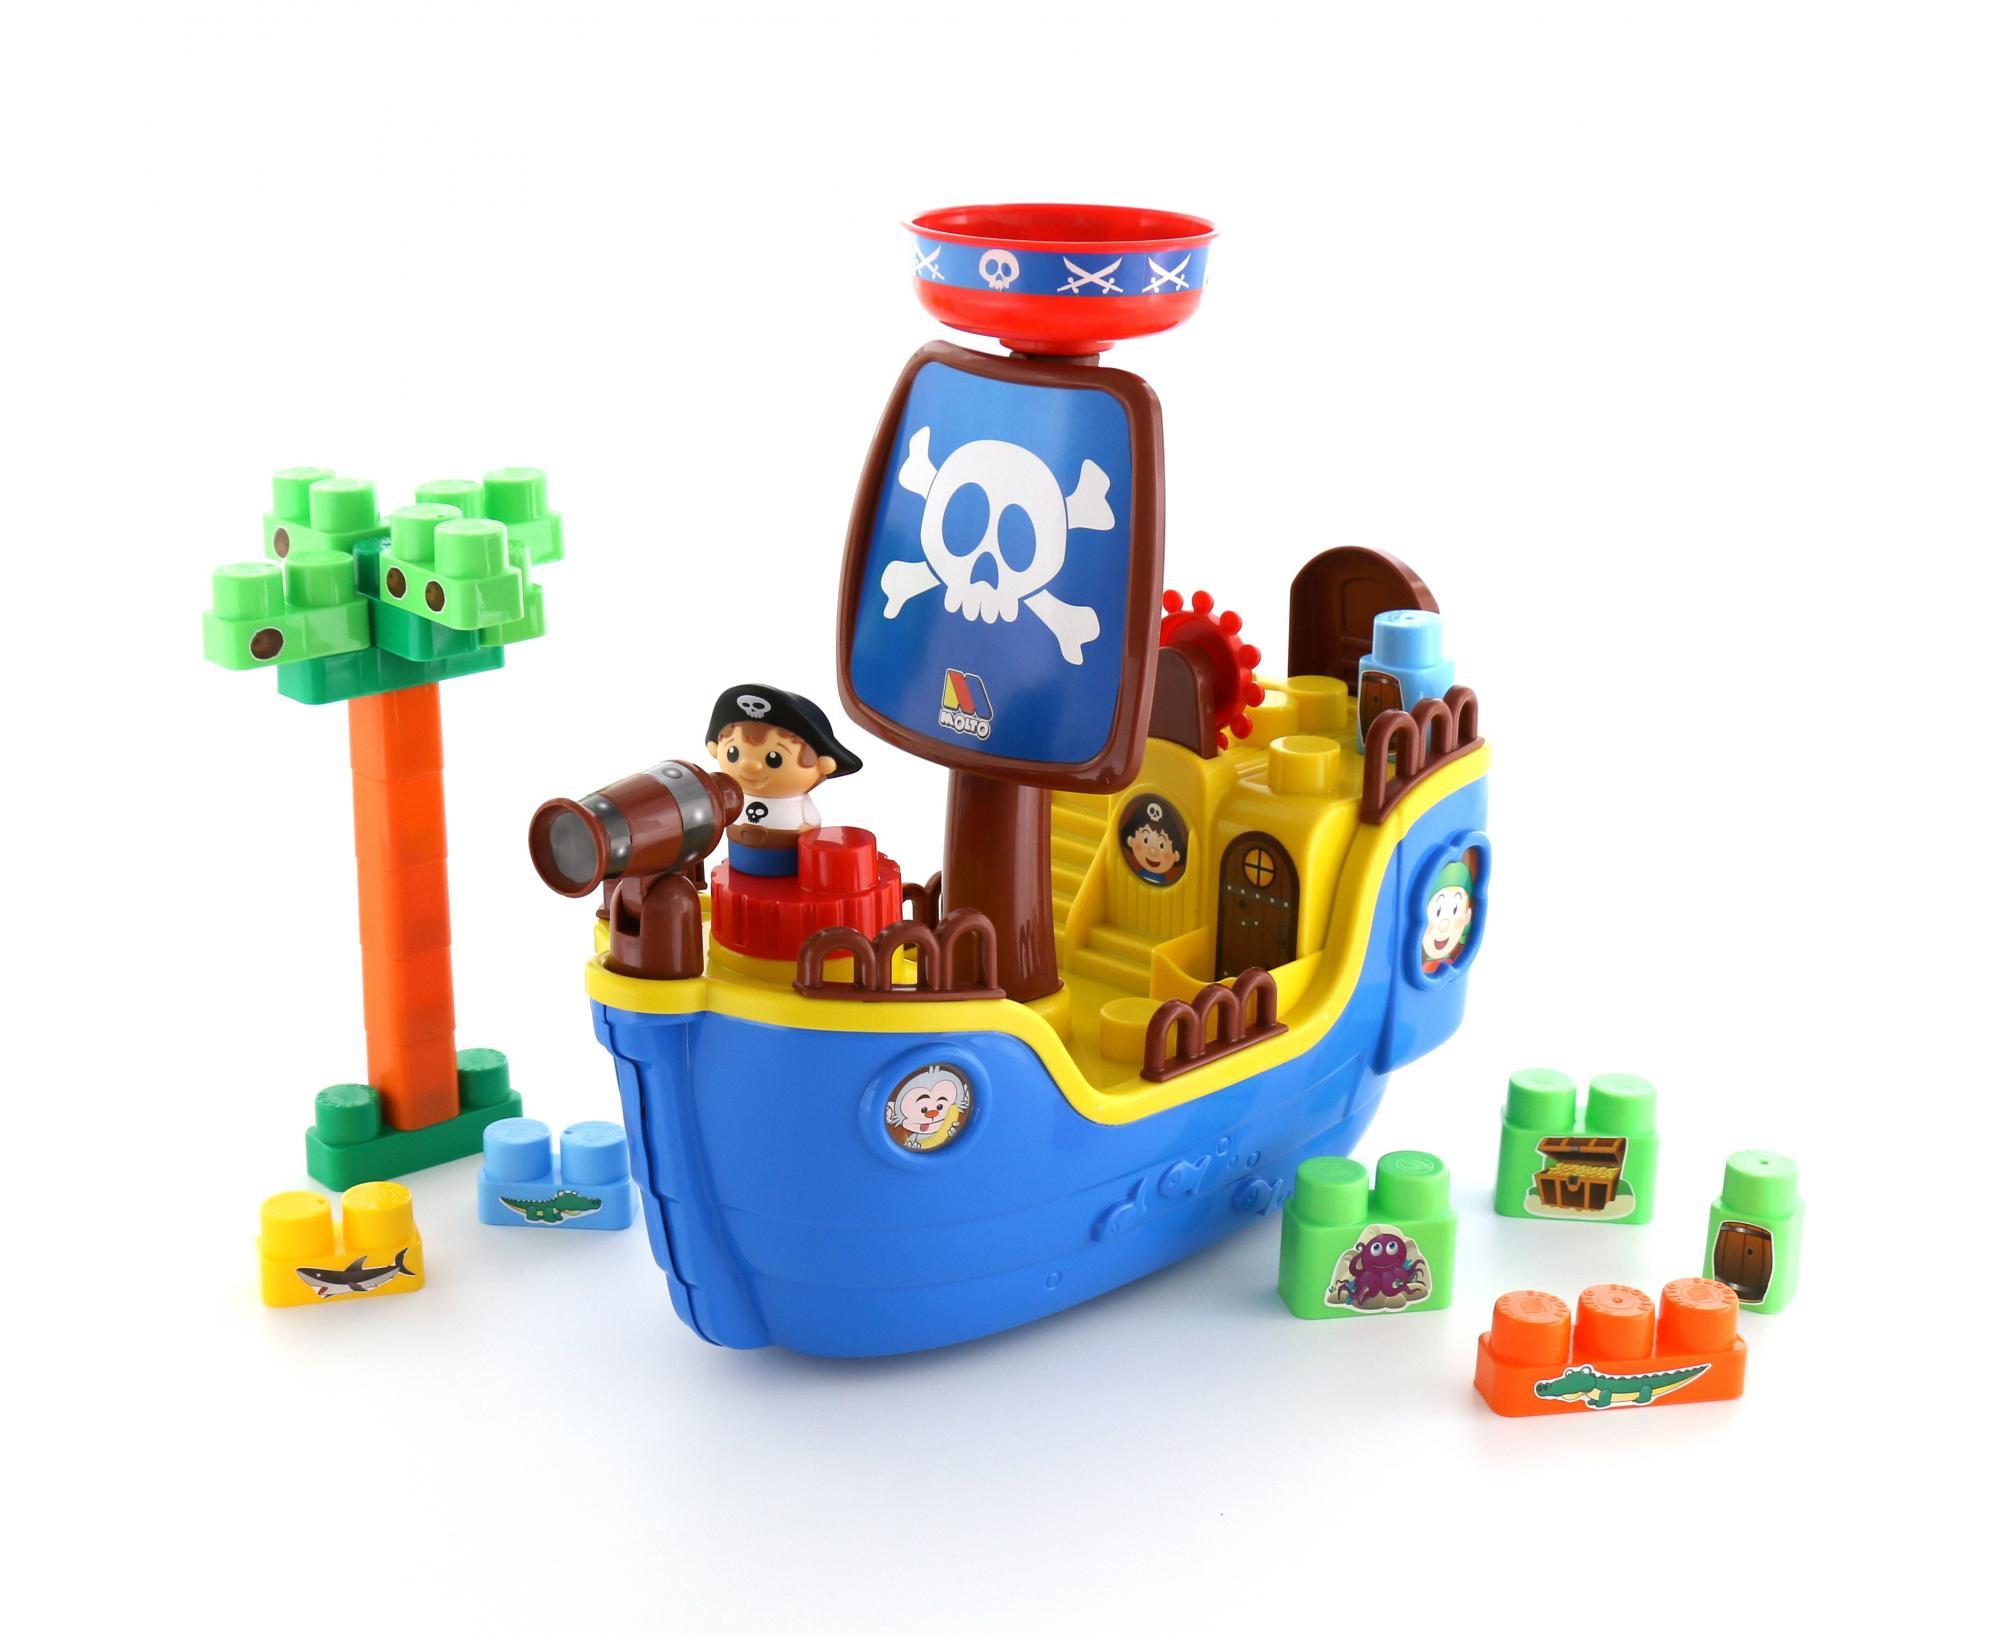 Конструктор Пиратский корабльКонструкторы Полесье<br>Конструктор Пиратский корабль<br>